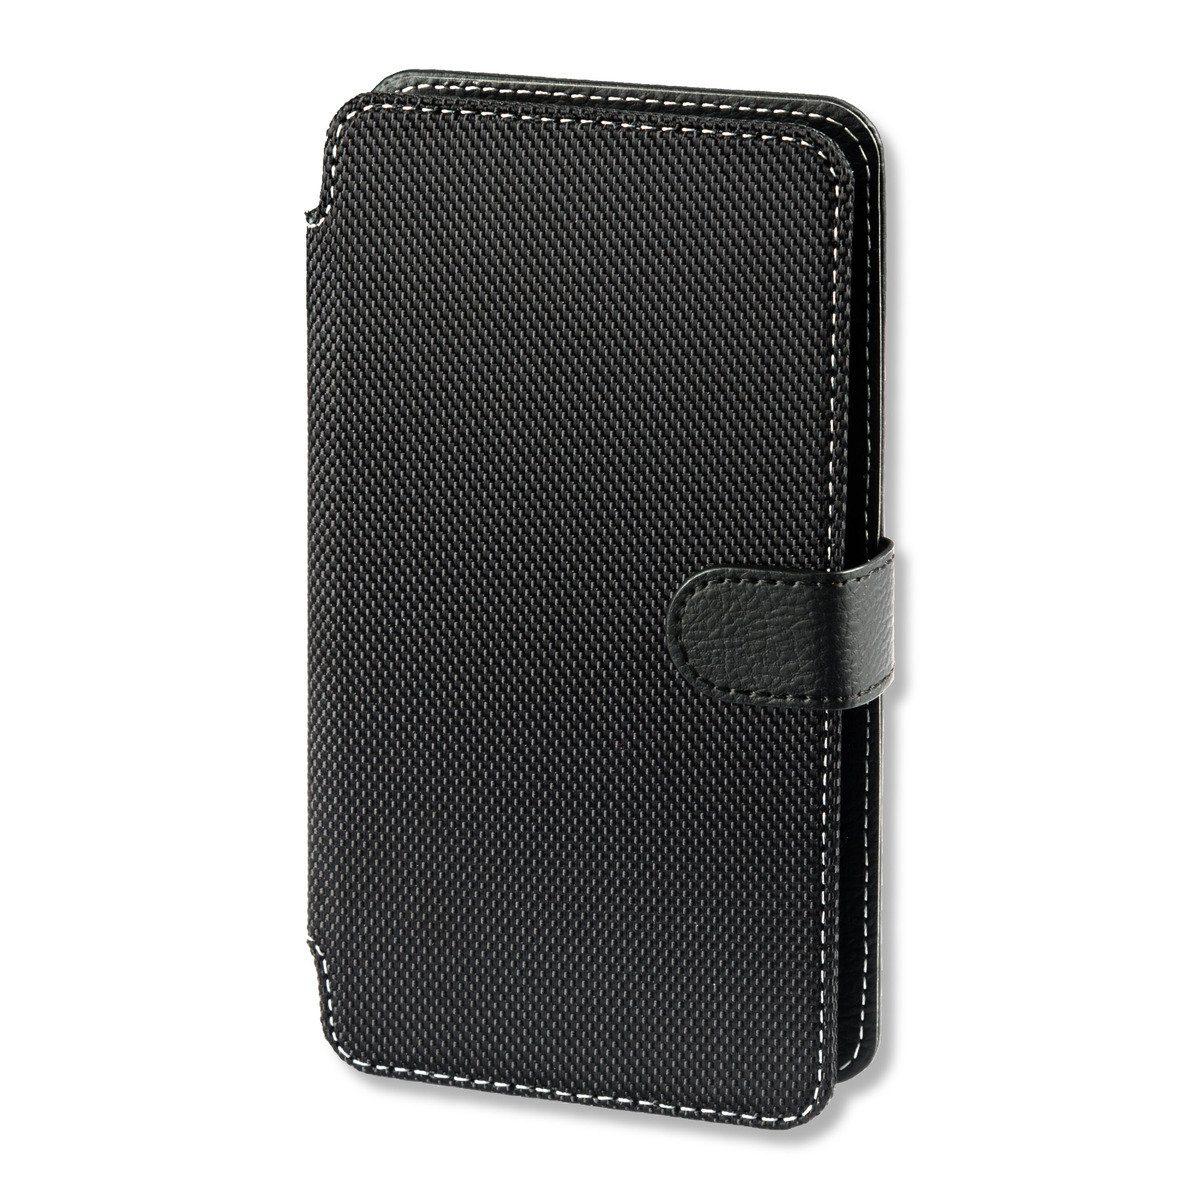 4Smarts Handytasche »SOHO Book Universal-Tasche bis 12,95 cm (5,1 Zoll)«